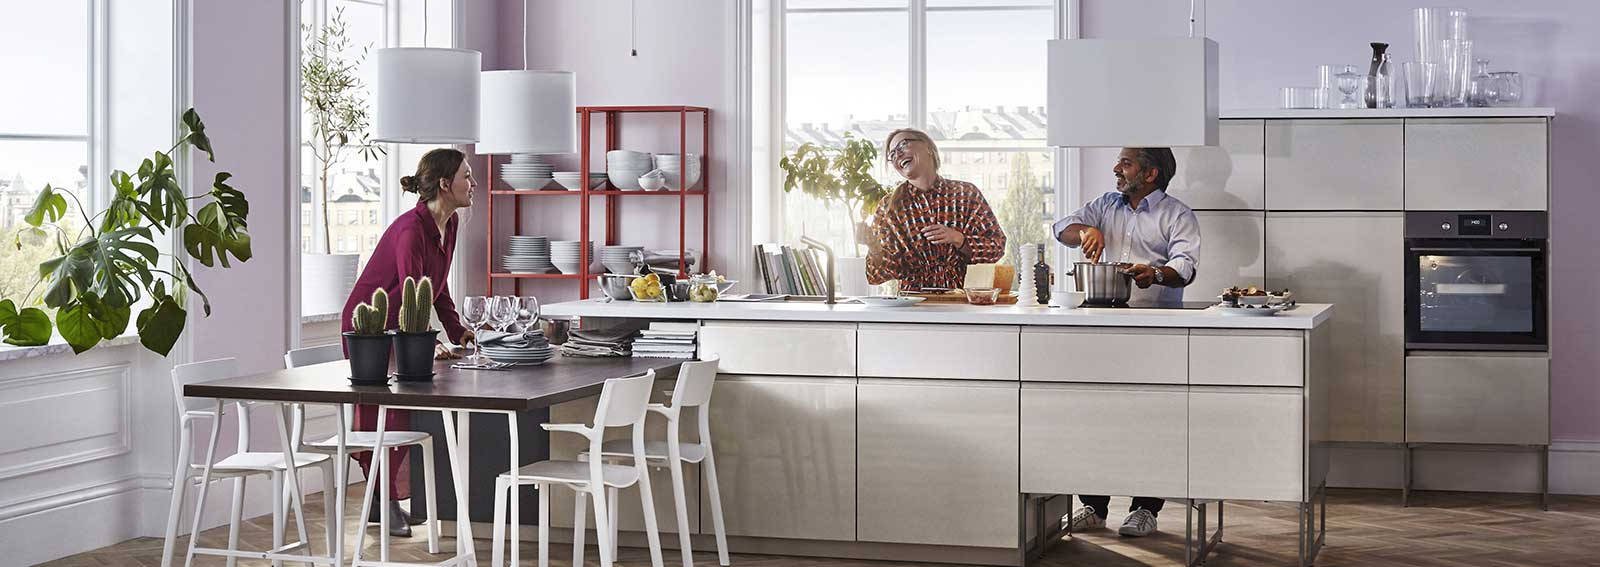 Le migliori marche di cucine vesto casa - Migliori marche di cucine ...